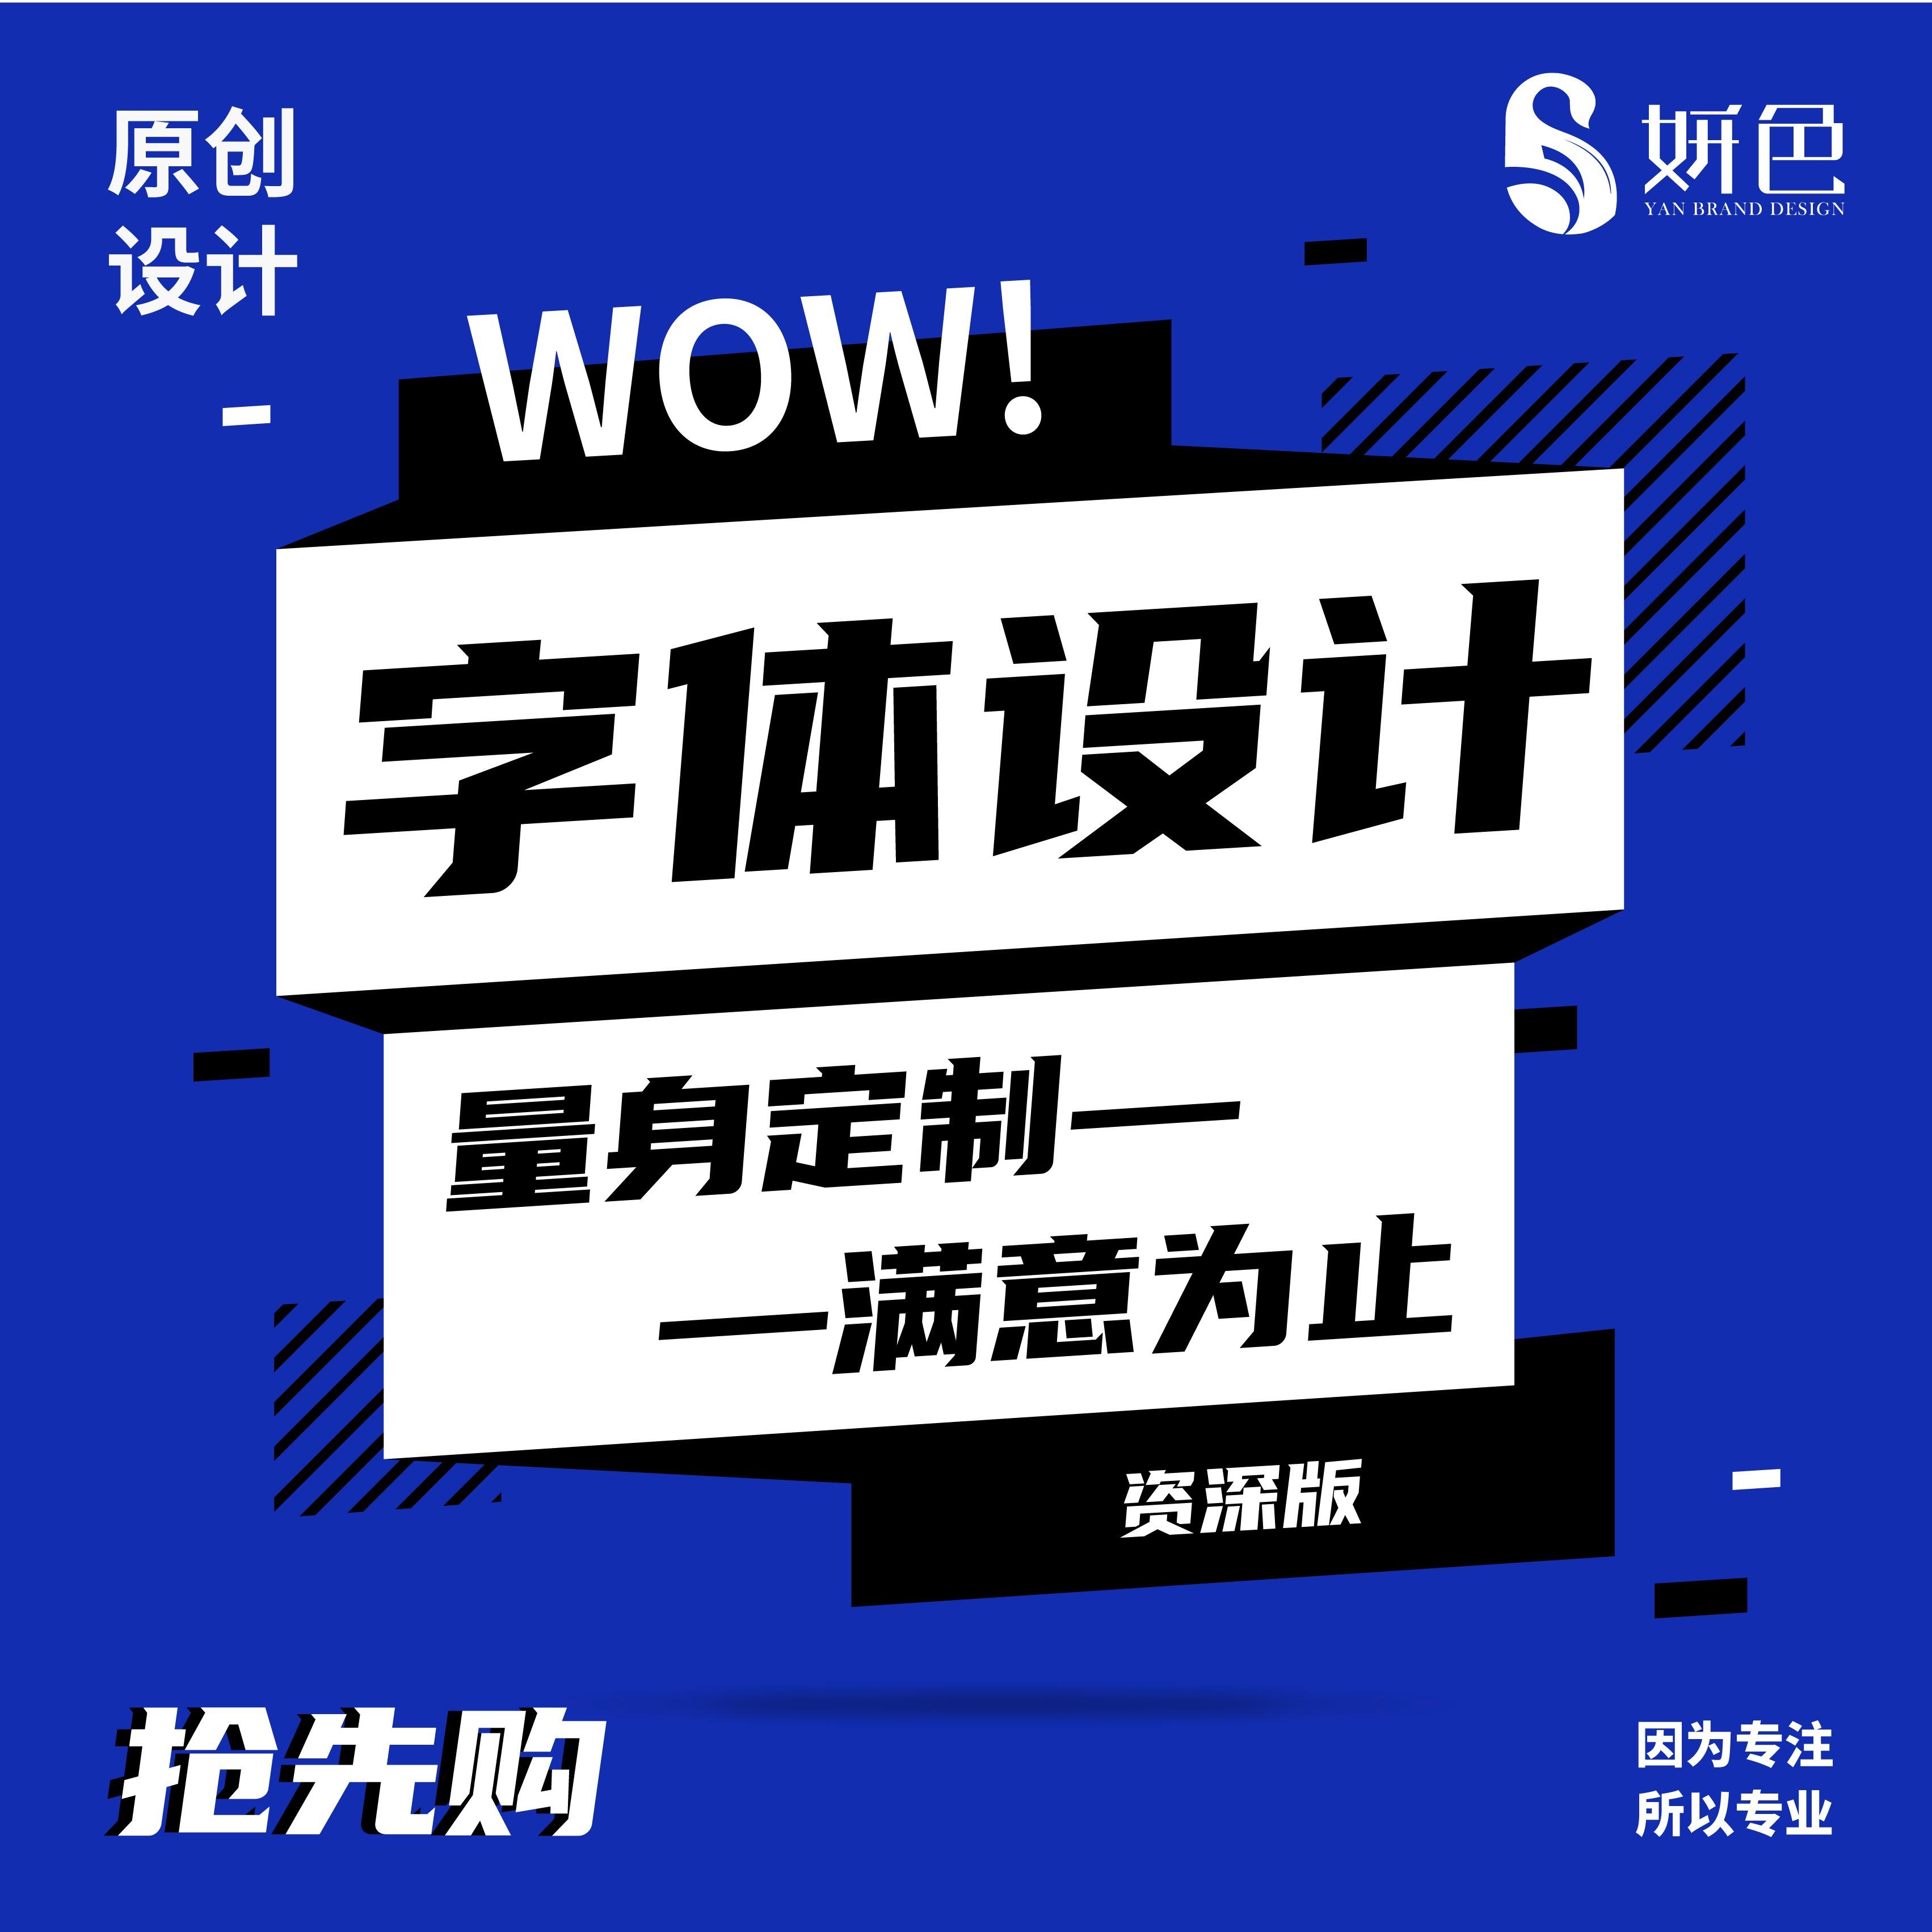 字体设计logo设计字体标志文字设计汉字英文变形设计